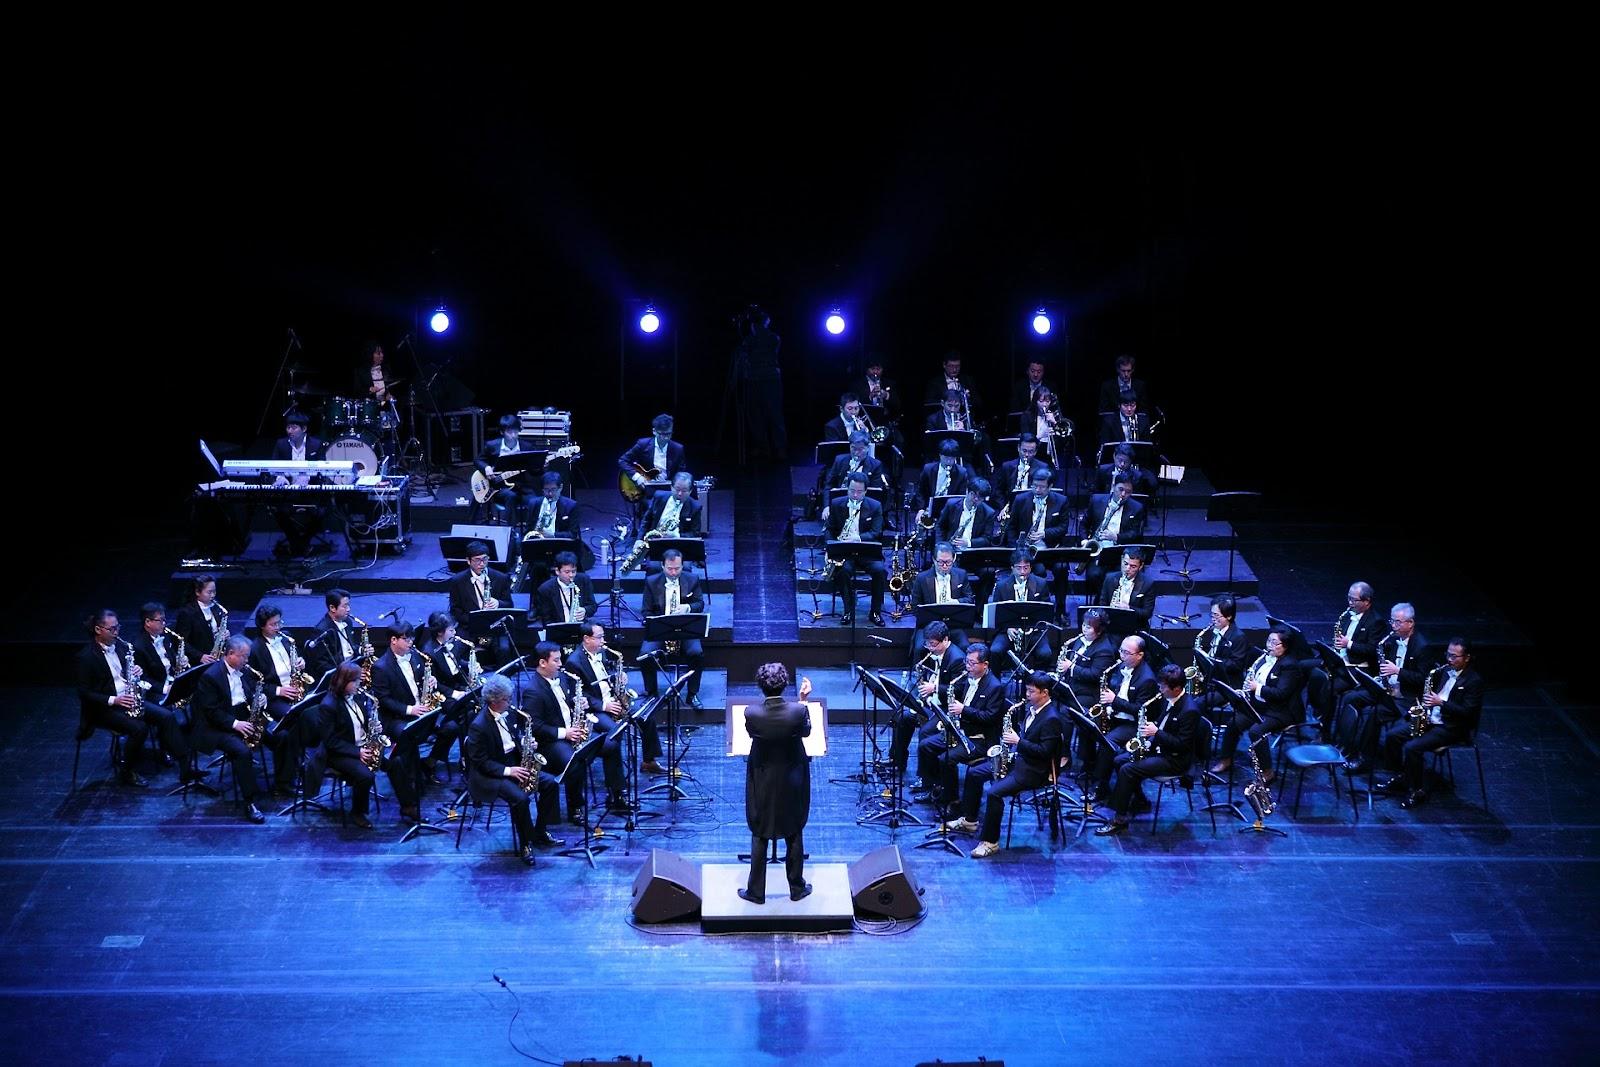 intention-énergie-pouvoir-réussite-objectif-orchestre